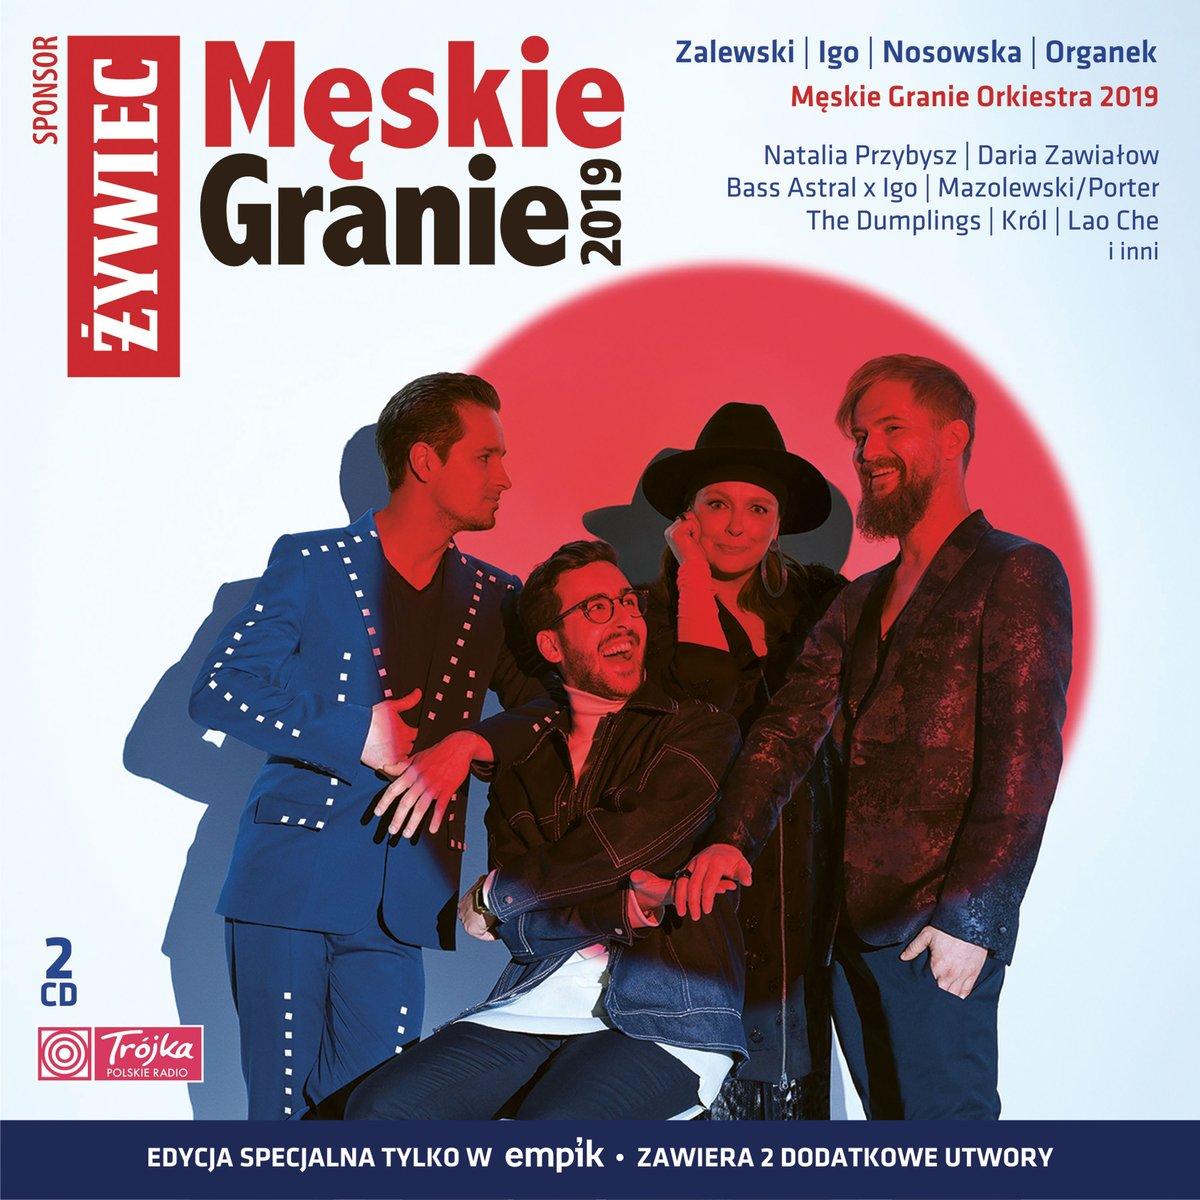 meskie-granie-2019-edycja-empik-b-iext55529113.jpg